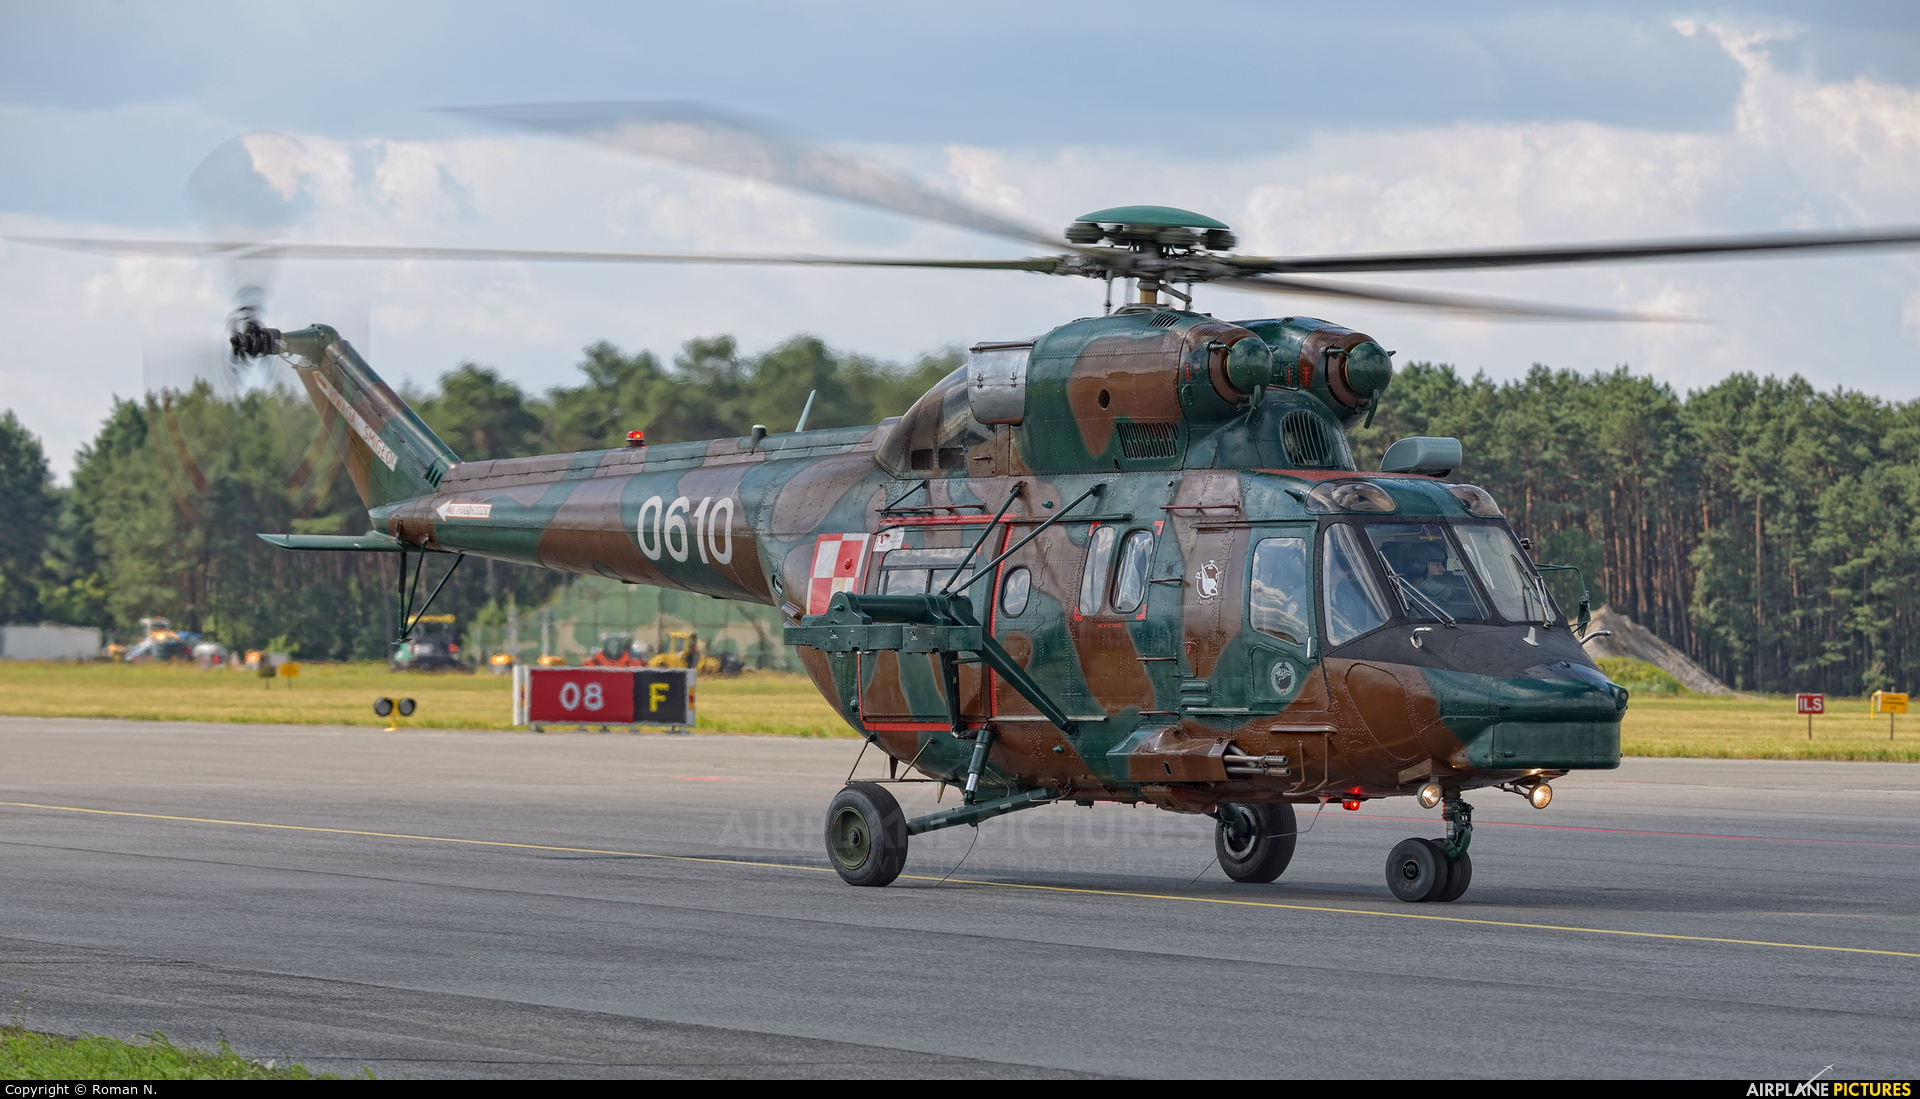 Poland - Army 0610 aircraft at Bydgoszcz - Szwederowo